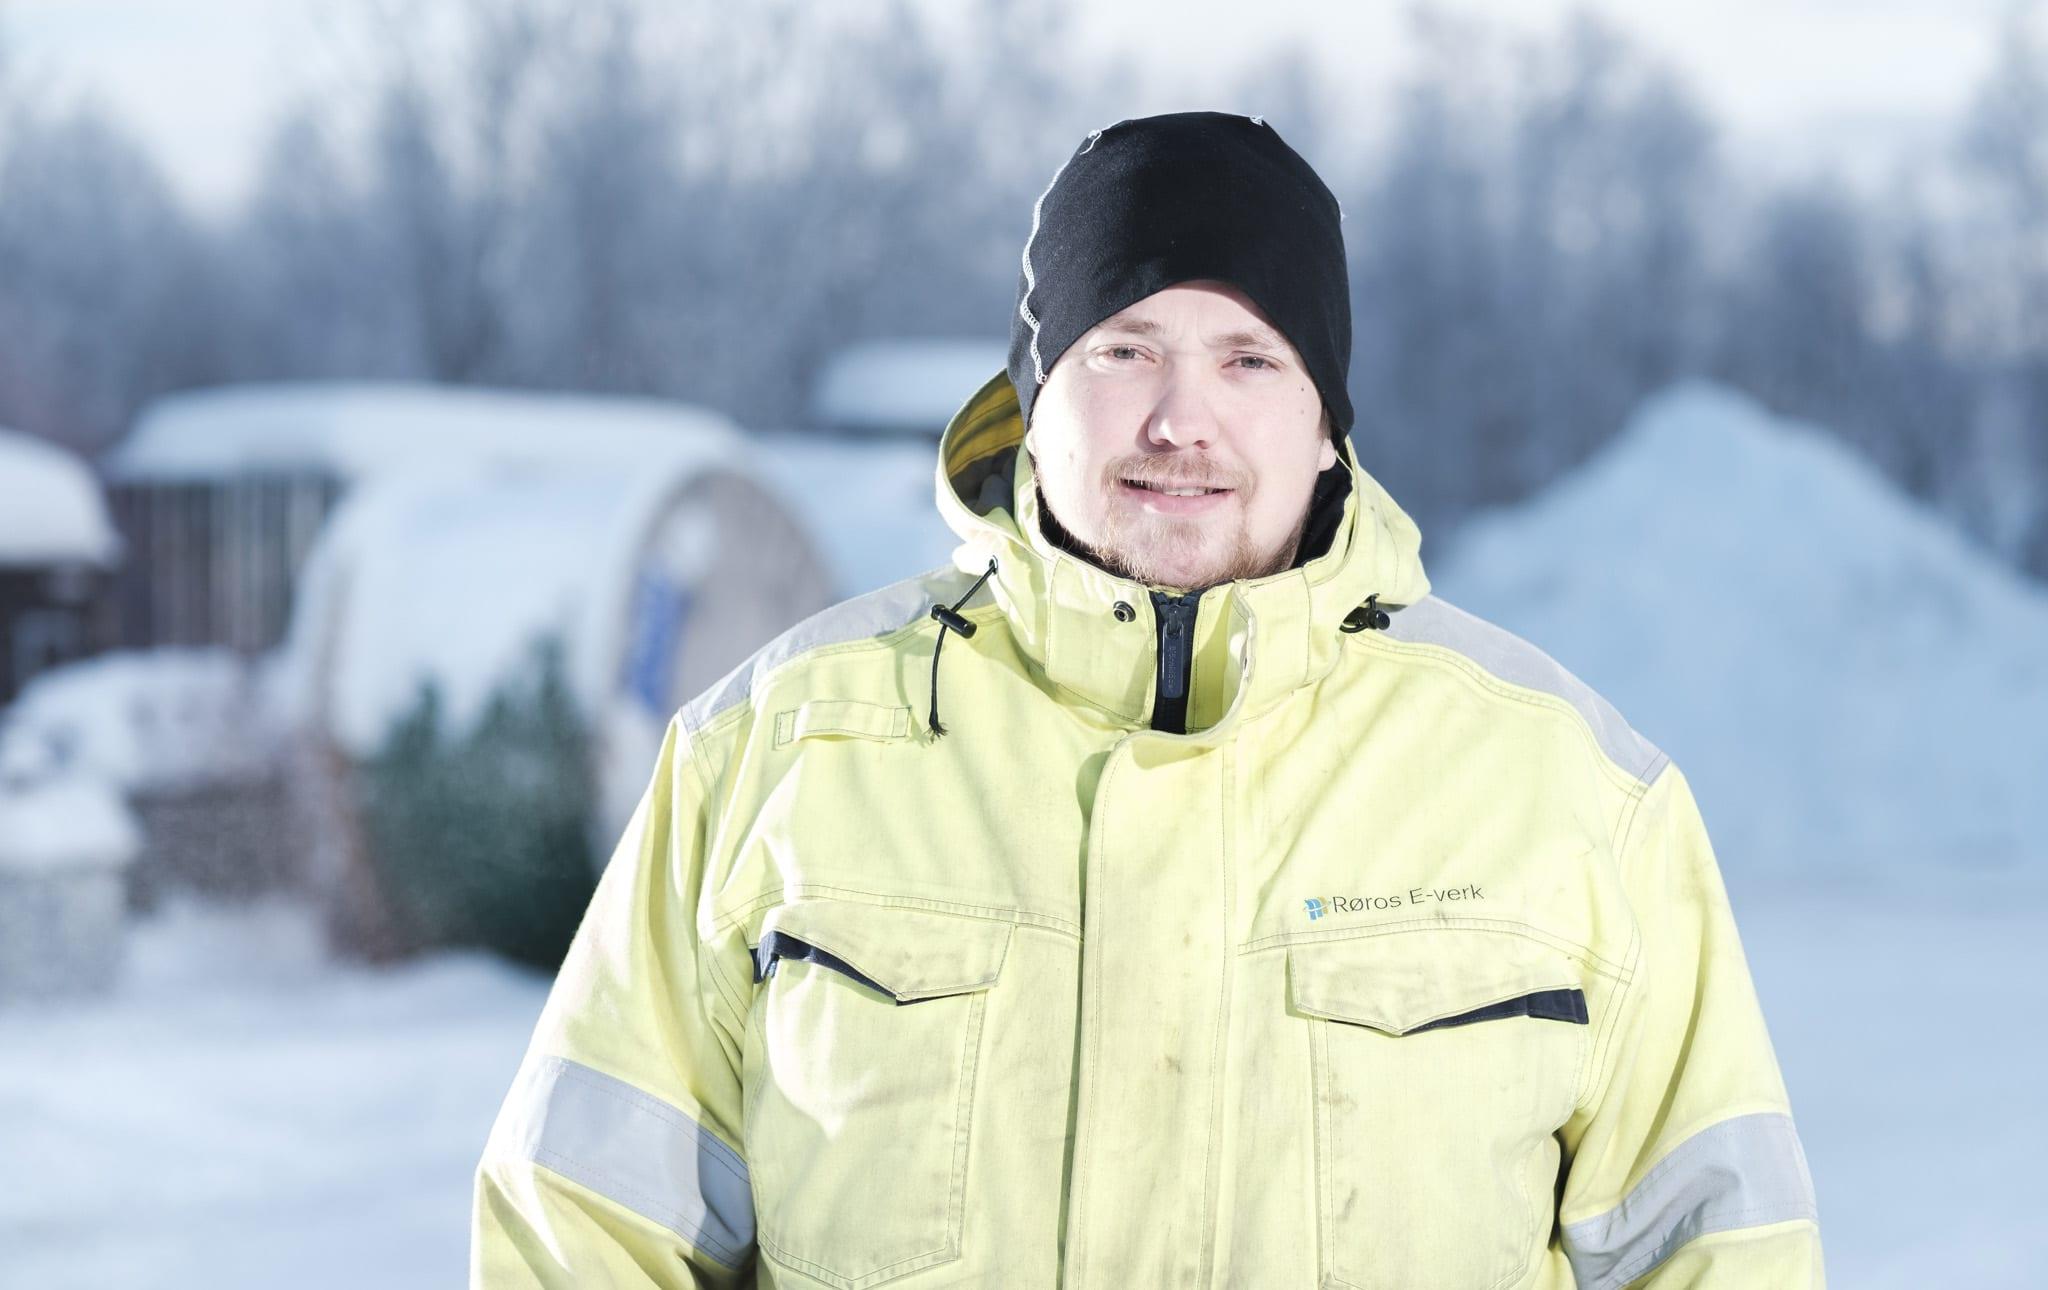 Martin Garmager Nymoen